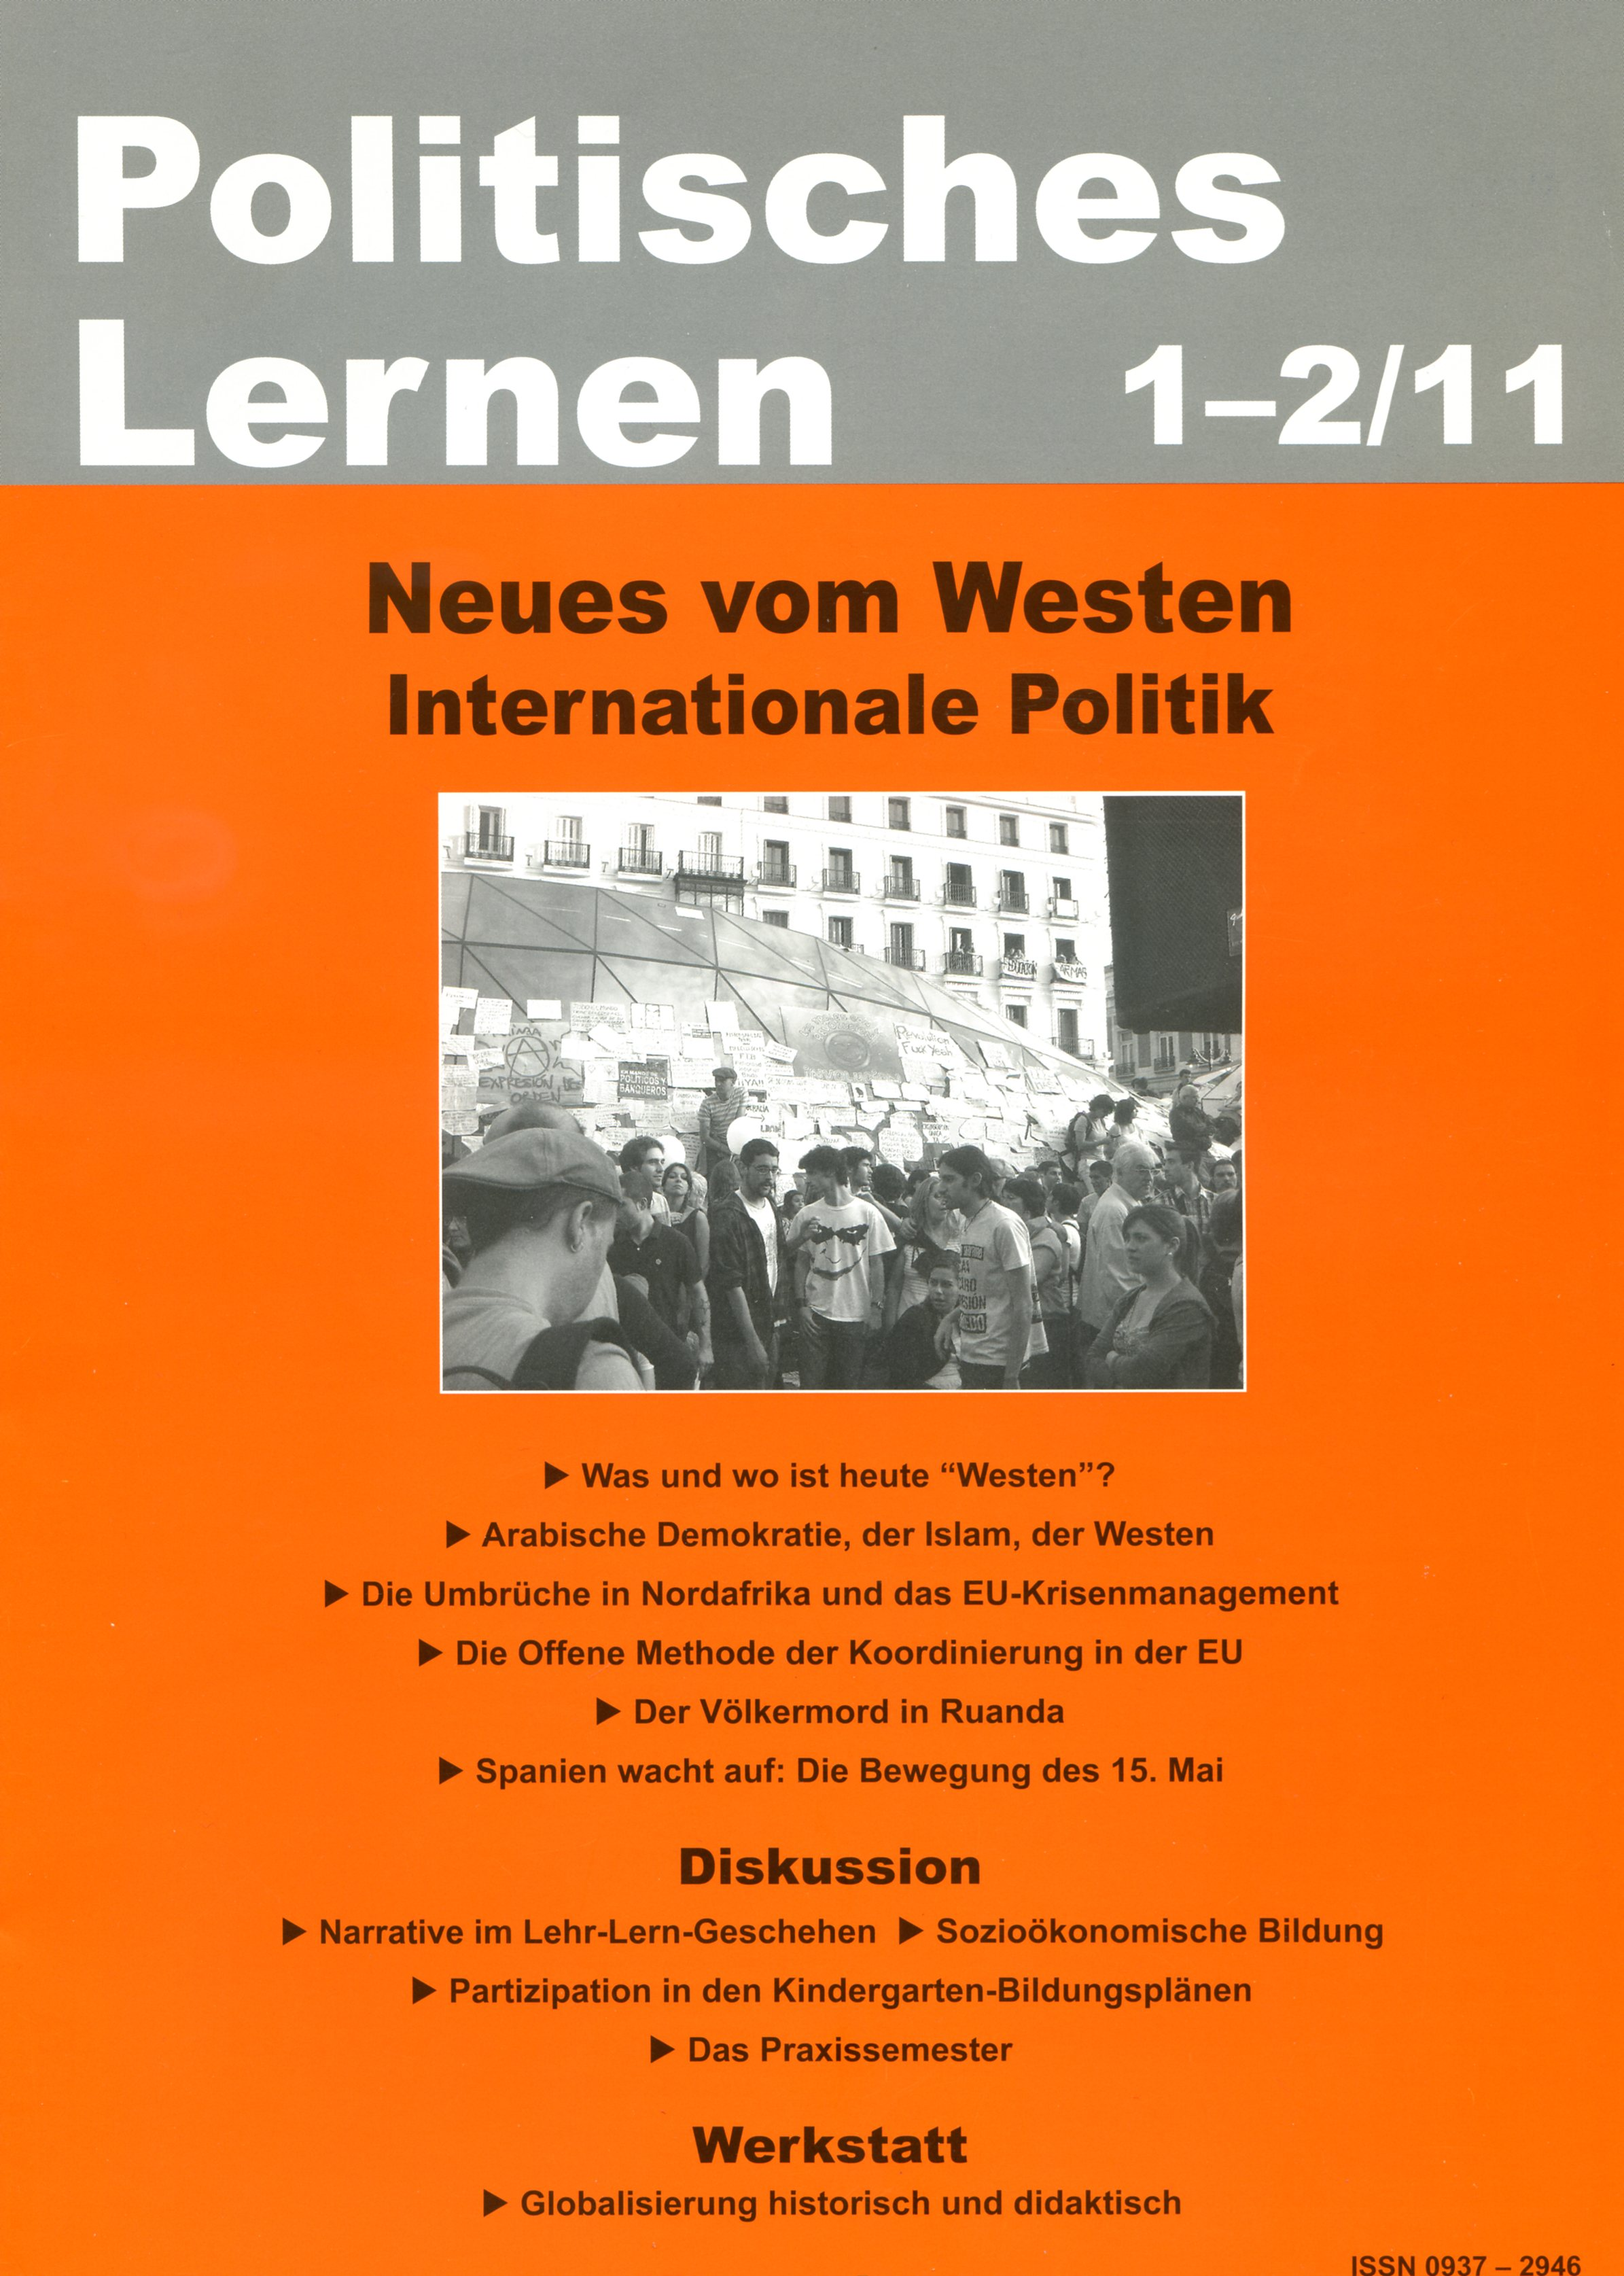 Politisches Lernen 1-2/11